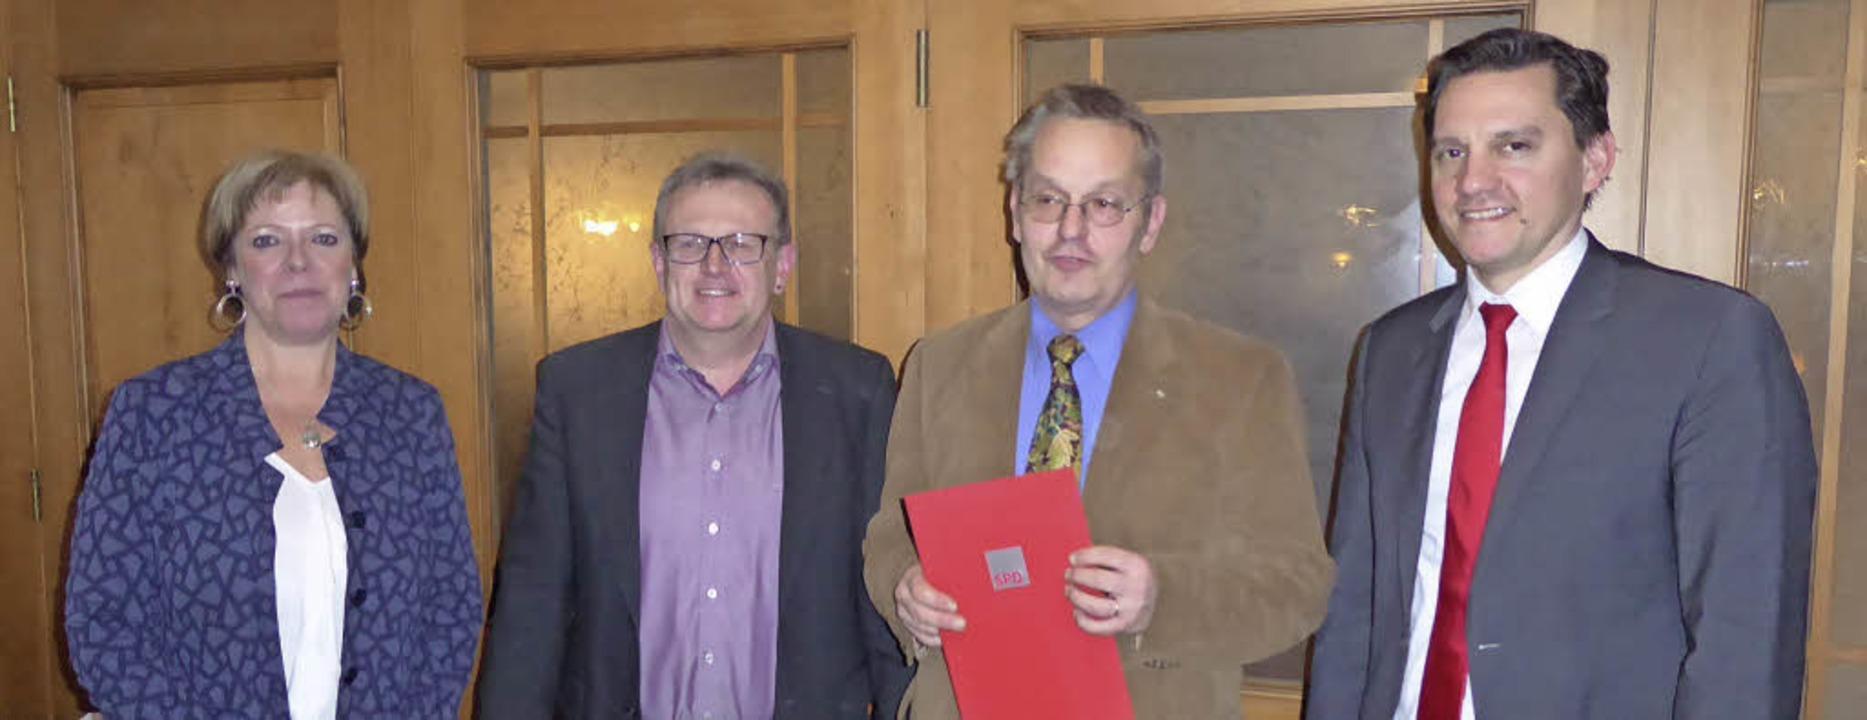 Bei der Ehrung der SPD (v. li.): Landt...ert Gärtner und MdB Johannes Fechner.   | Foto: Gutjahr